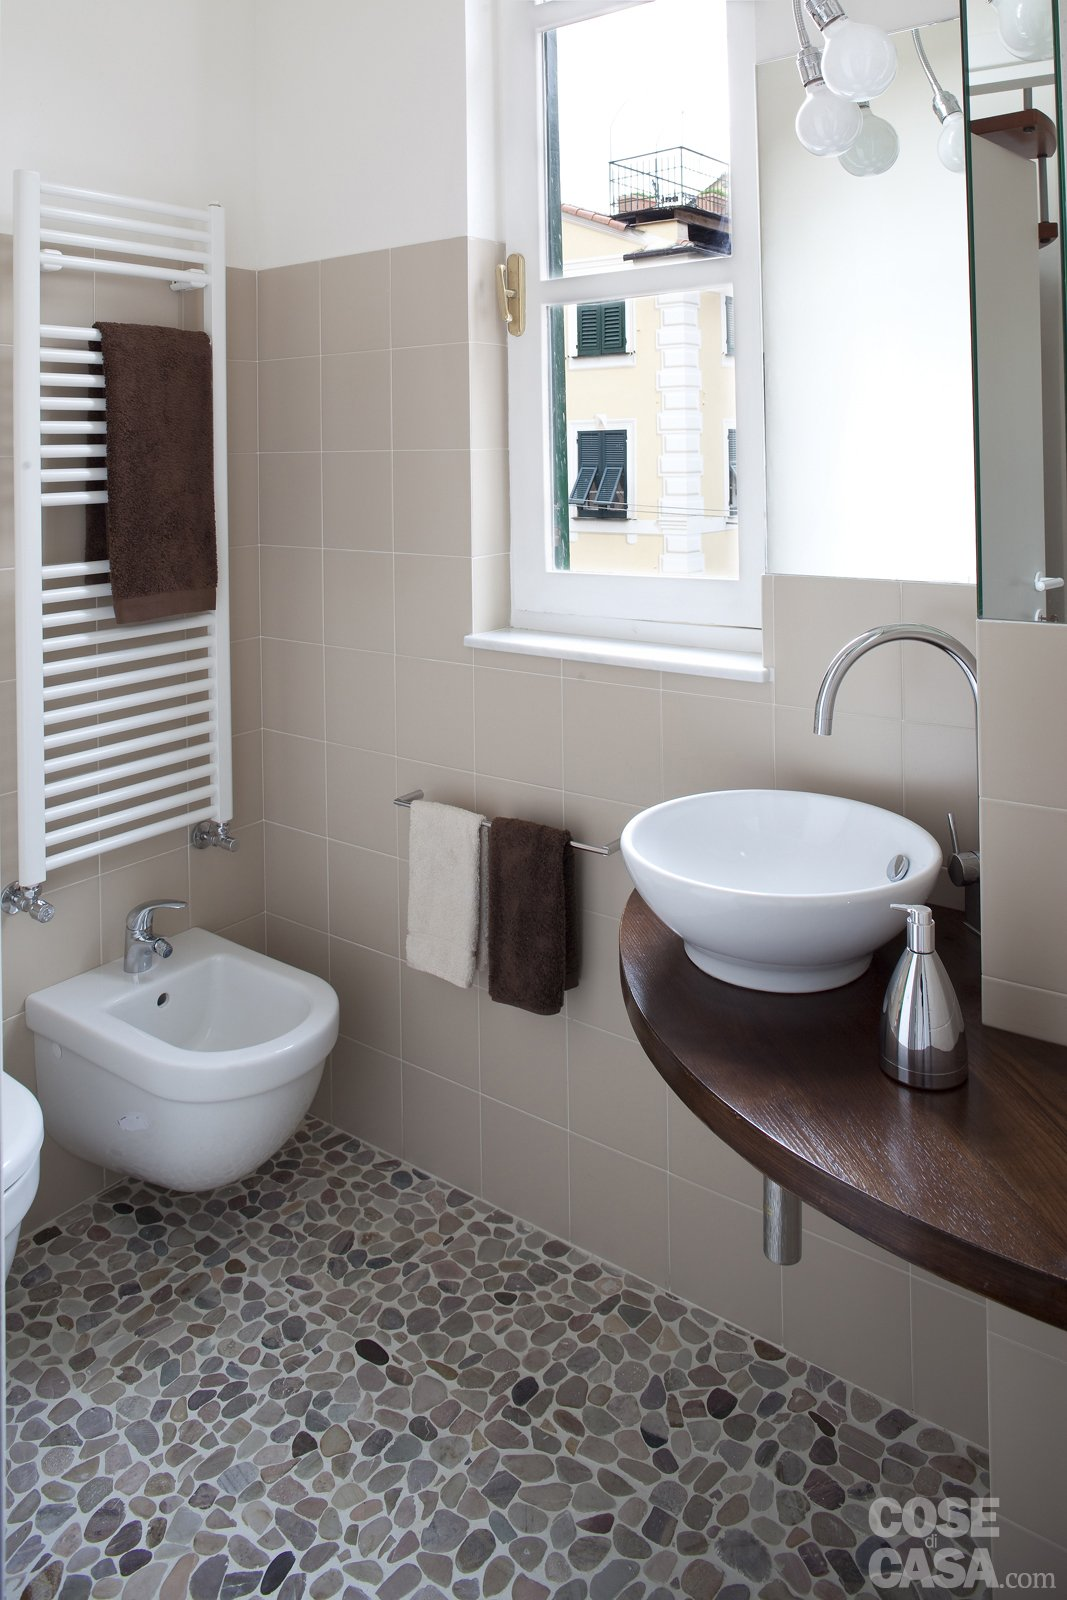 48 mq bilocale su due livelli cose di casa - Mosaicos para banos ...